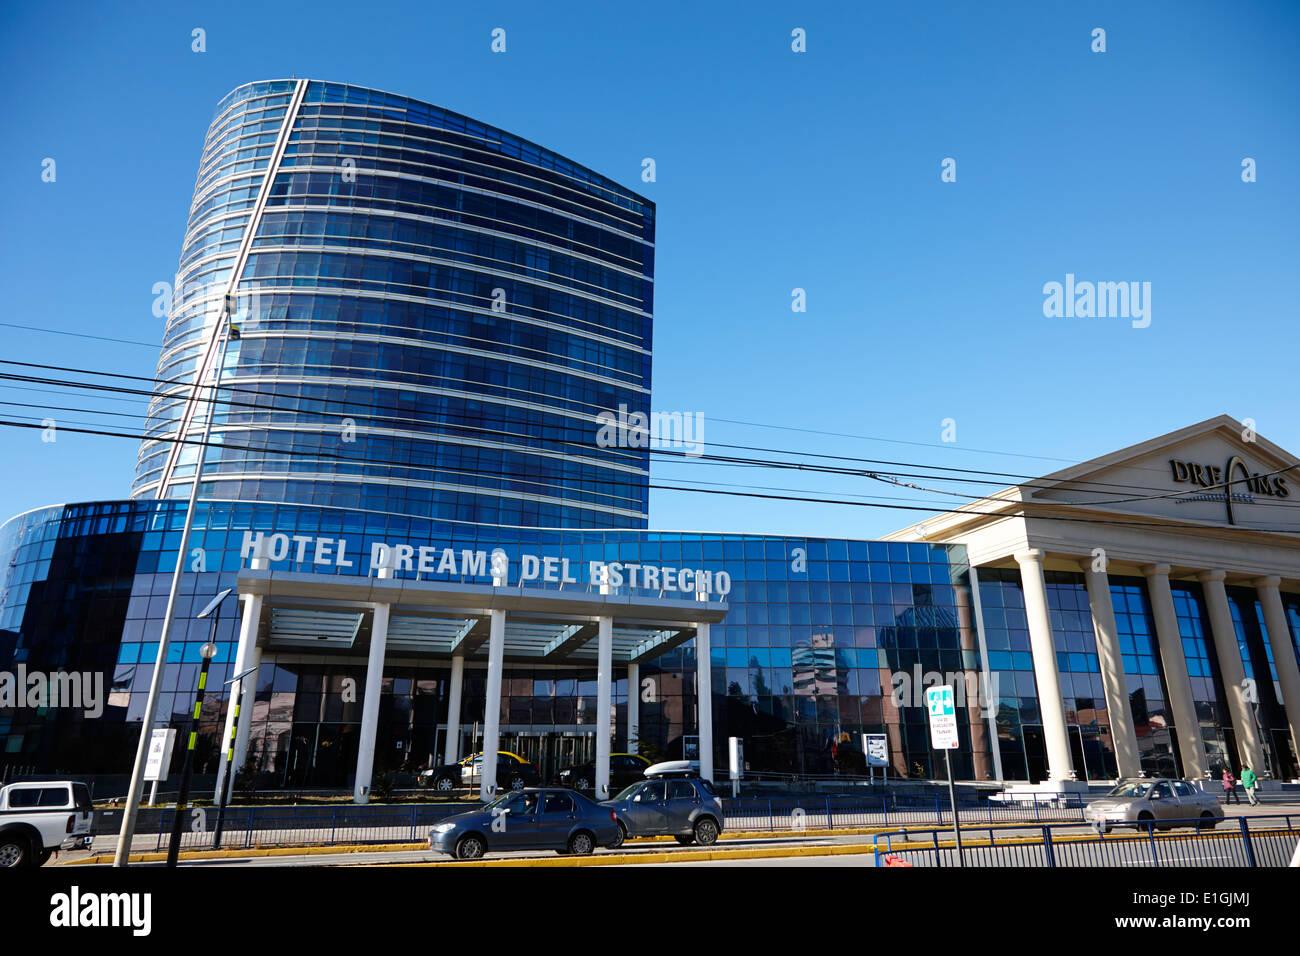 casino dreams punta arenas chile